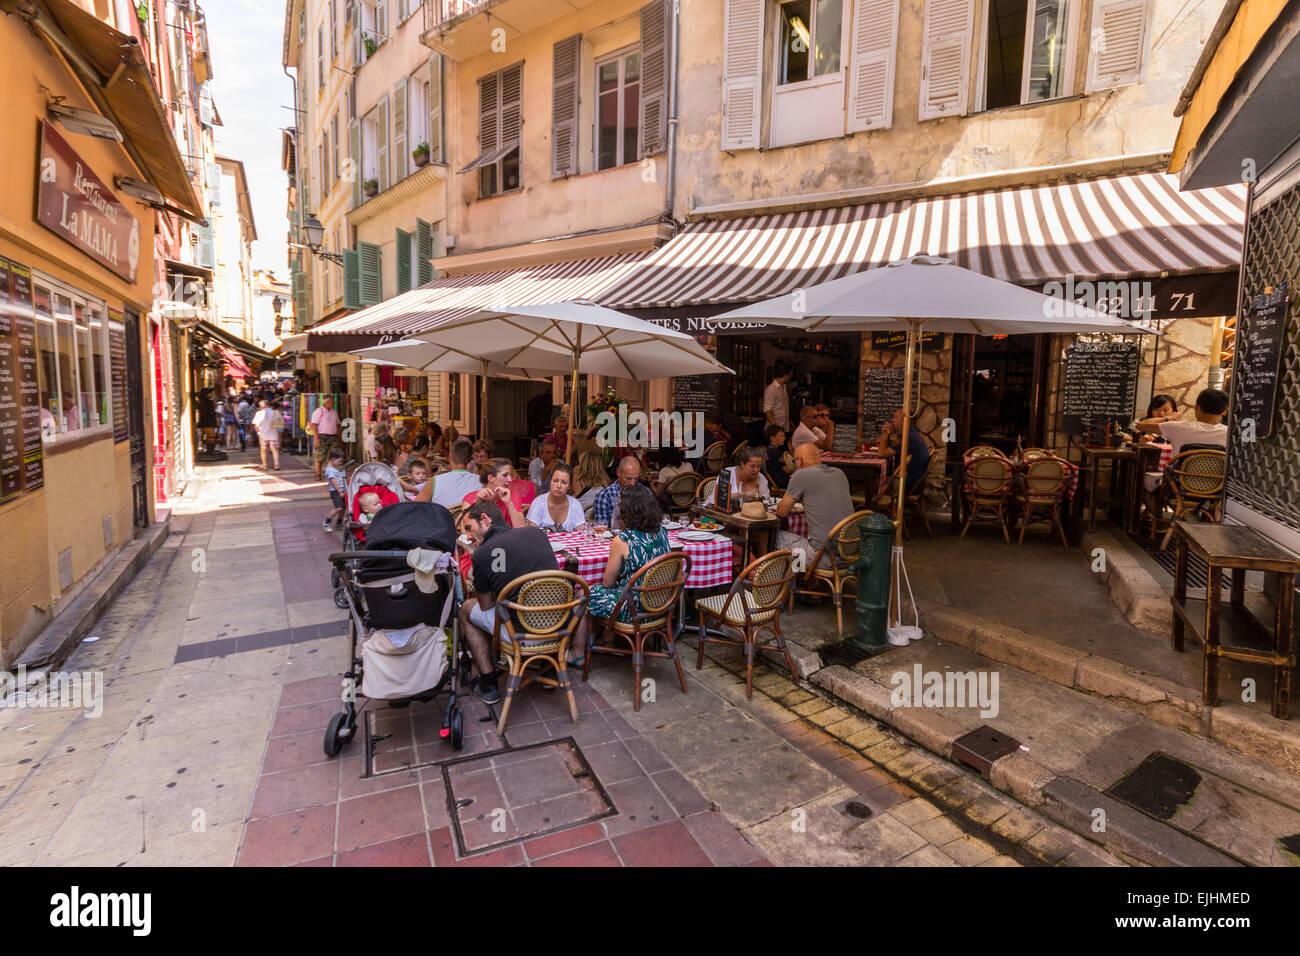 Francia - Cote d'Azur, Nizza, ristorante nella città vecchia Immagini Stock